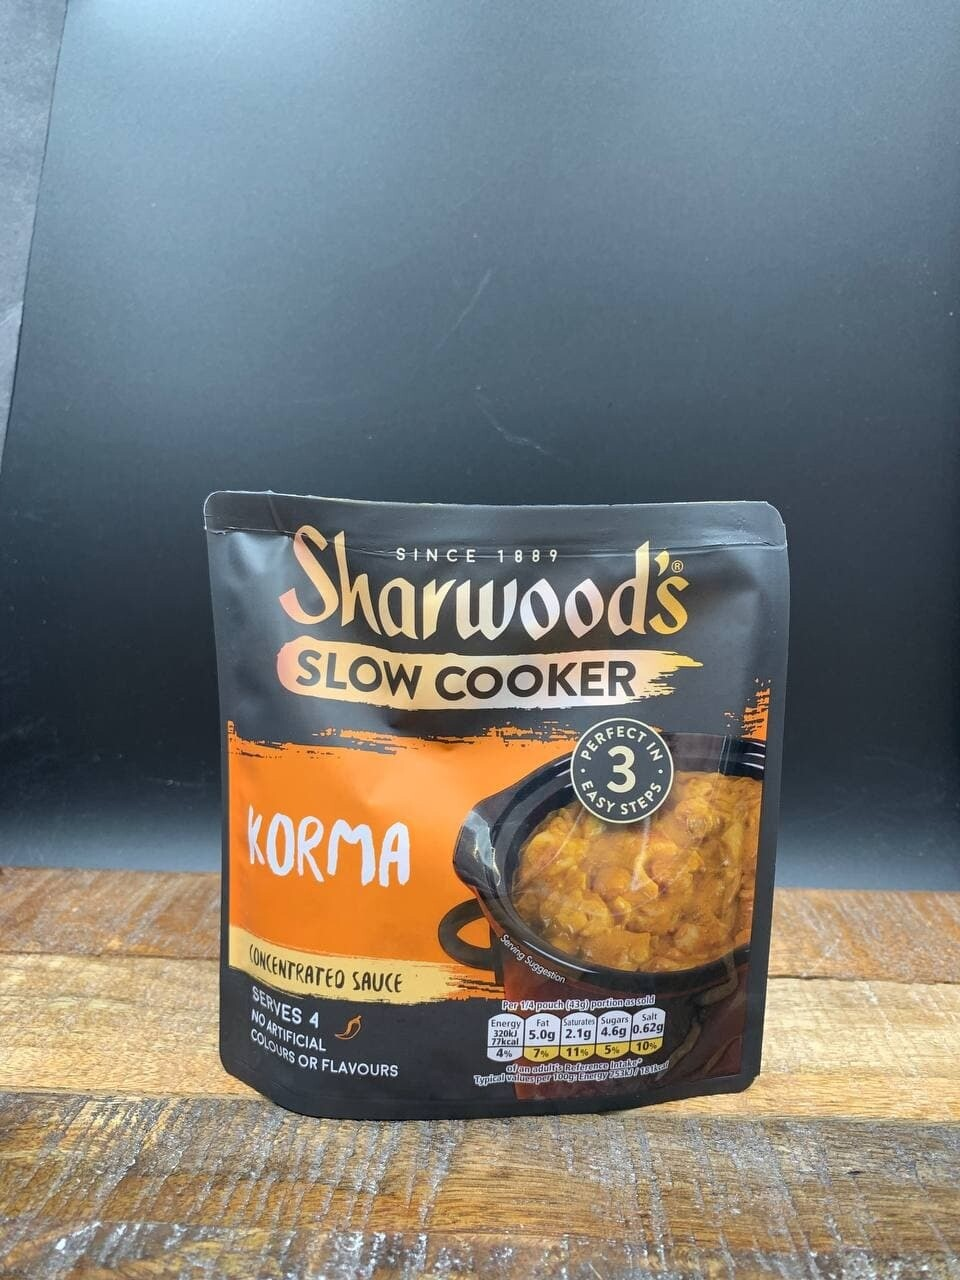 Sharwoods Slow Cooker Korma 170g